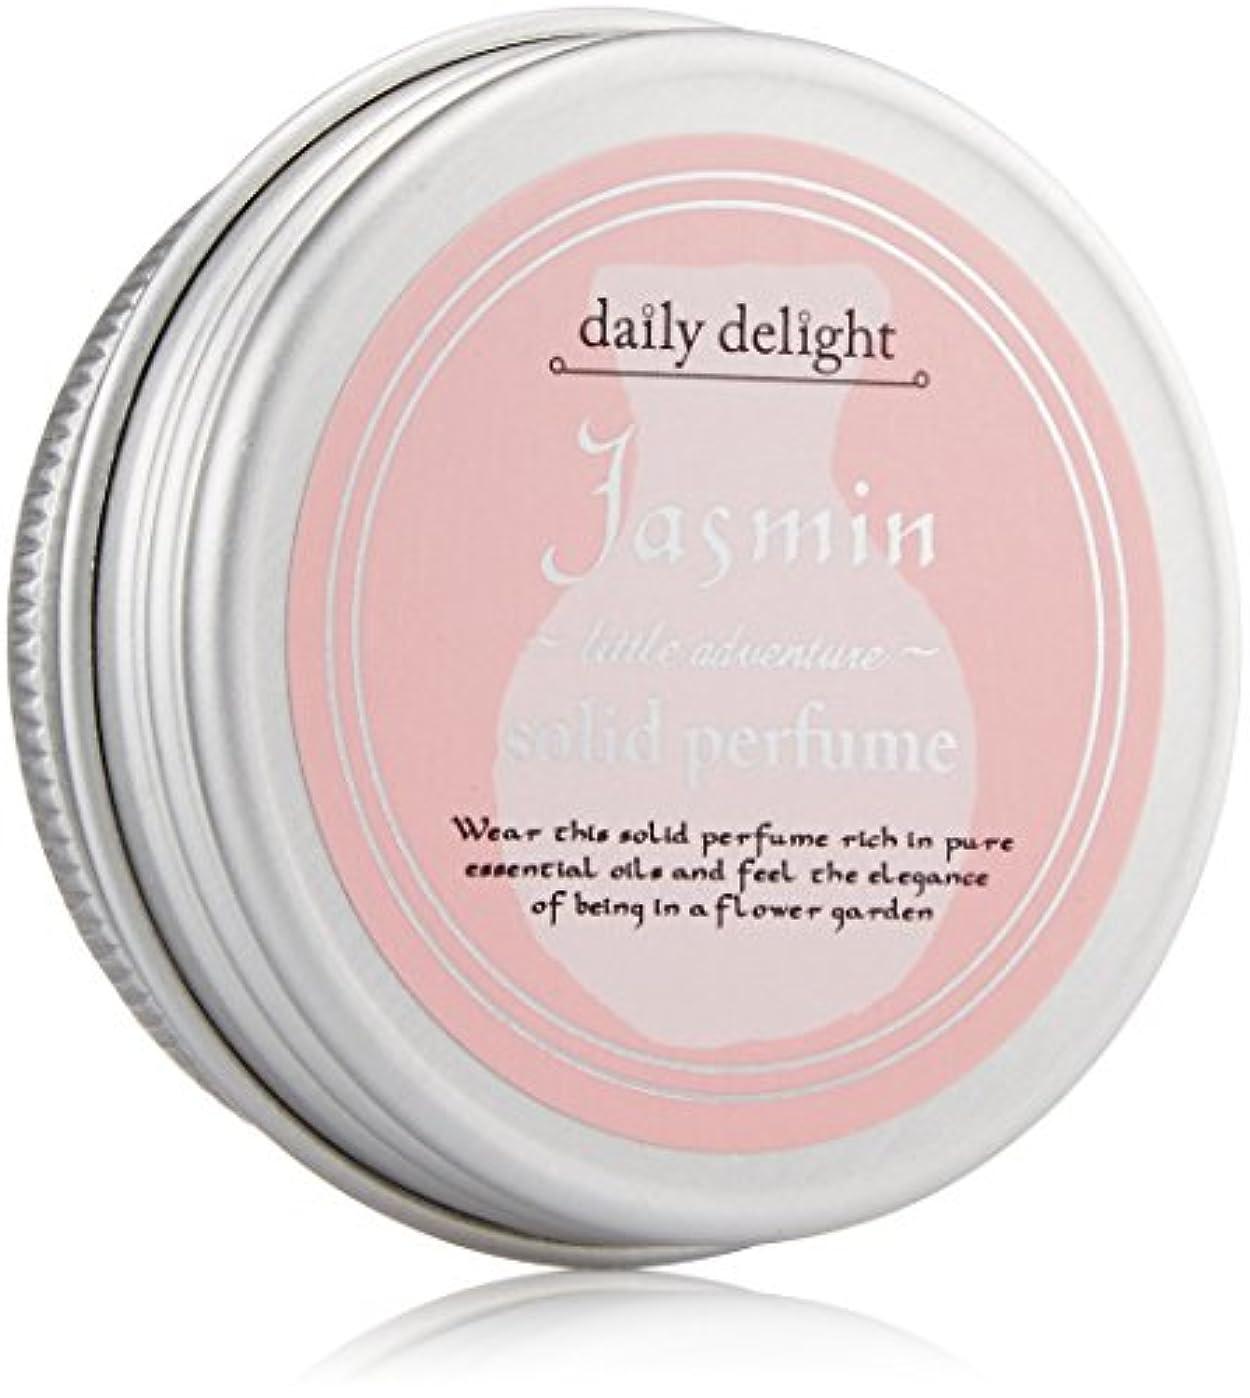 おっと優雅ミルクデイリーディライト 練り香水 ジャスミン  10g(香水 携帯用 ソリッドパフューム アルコールフリー 奥深く魅了されるジャスミンの香り)